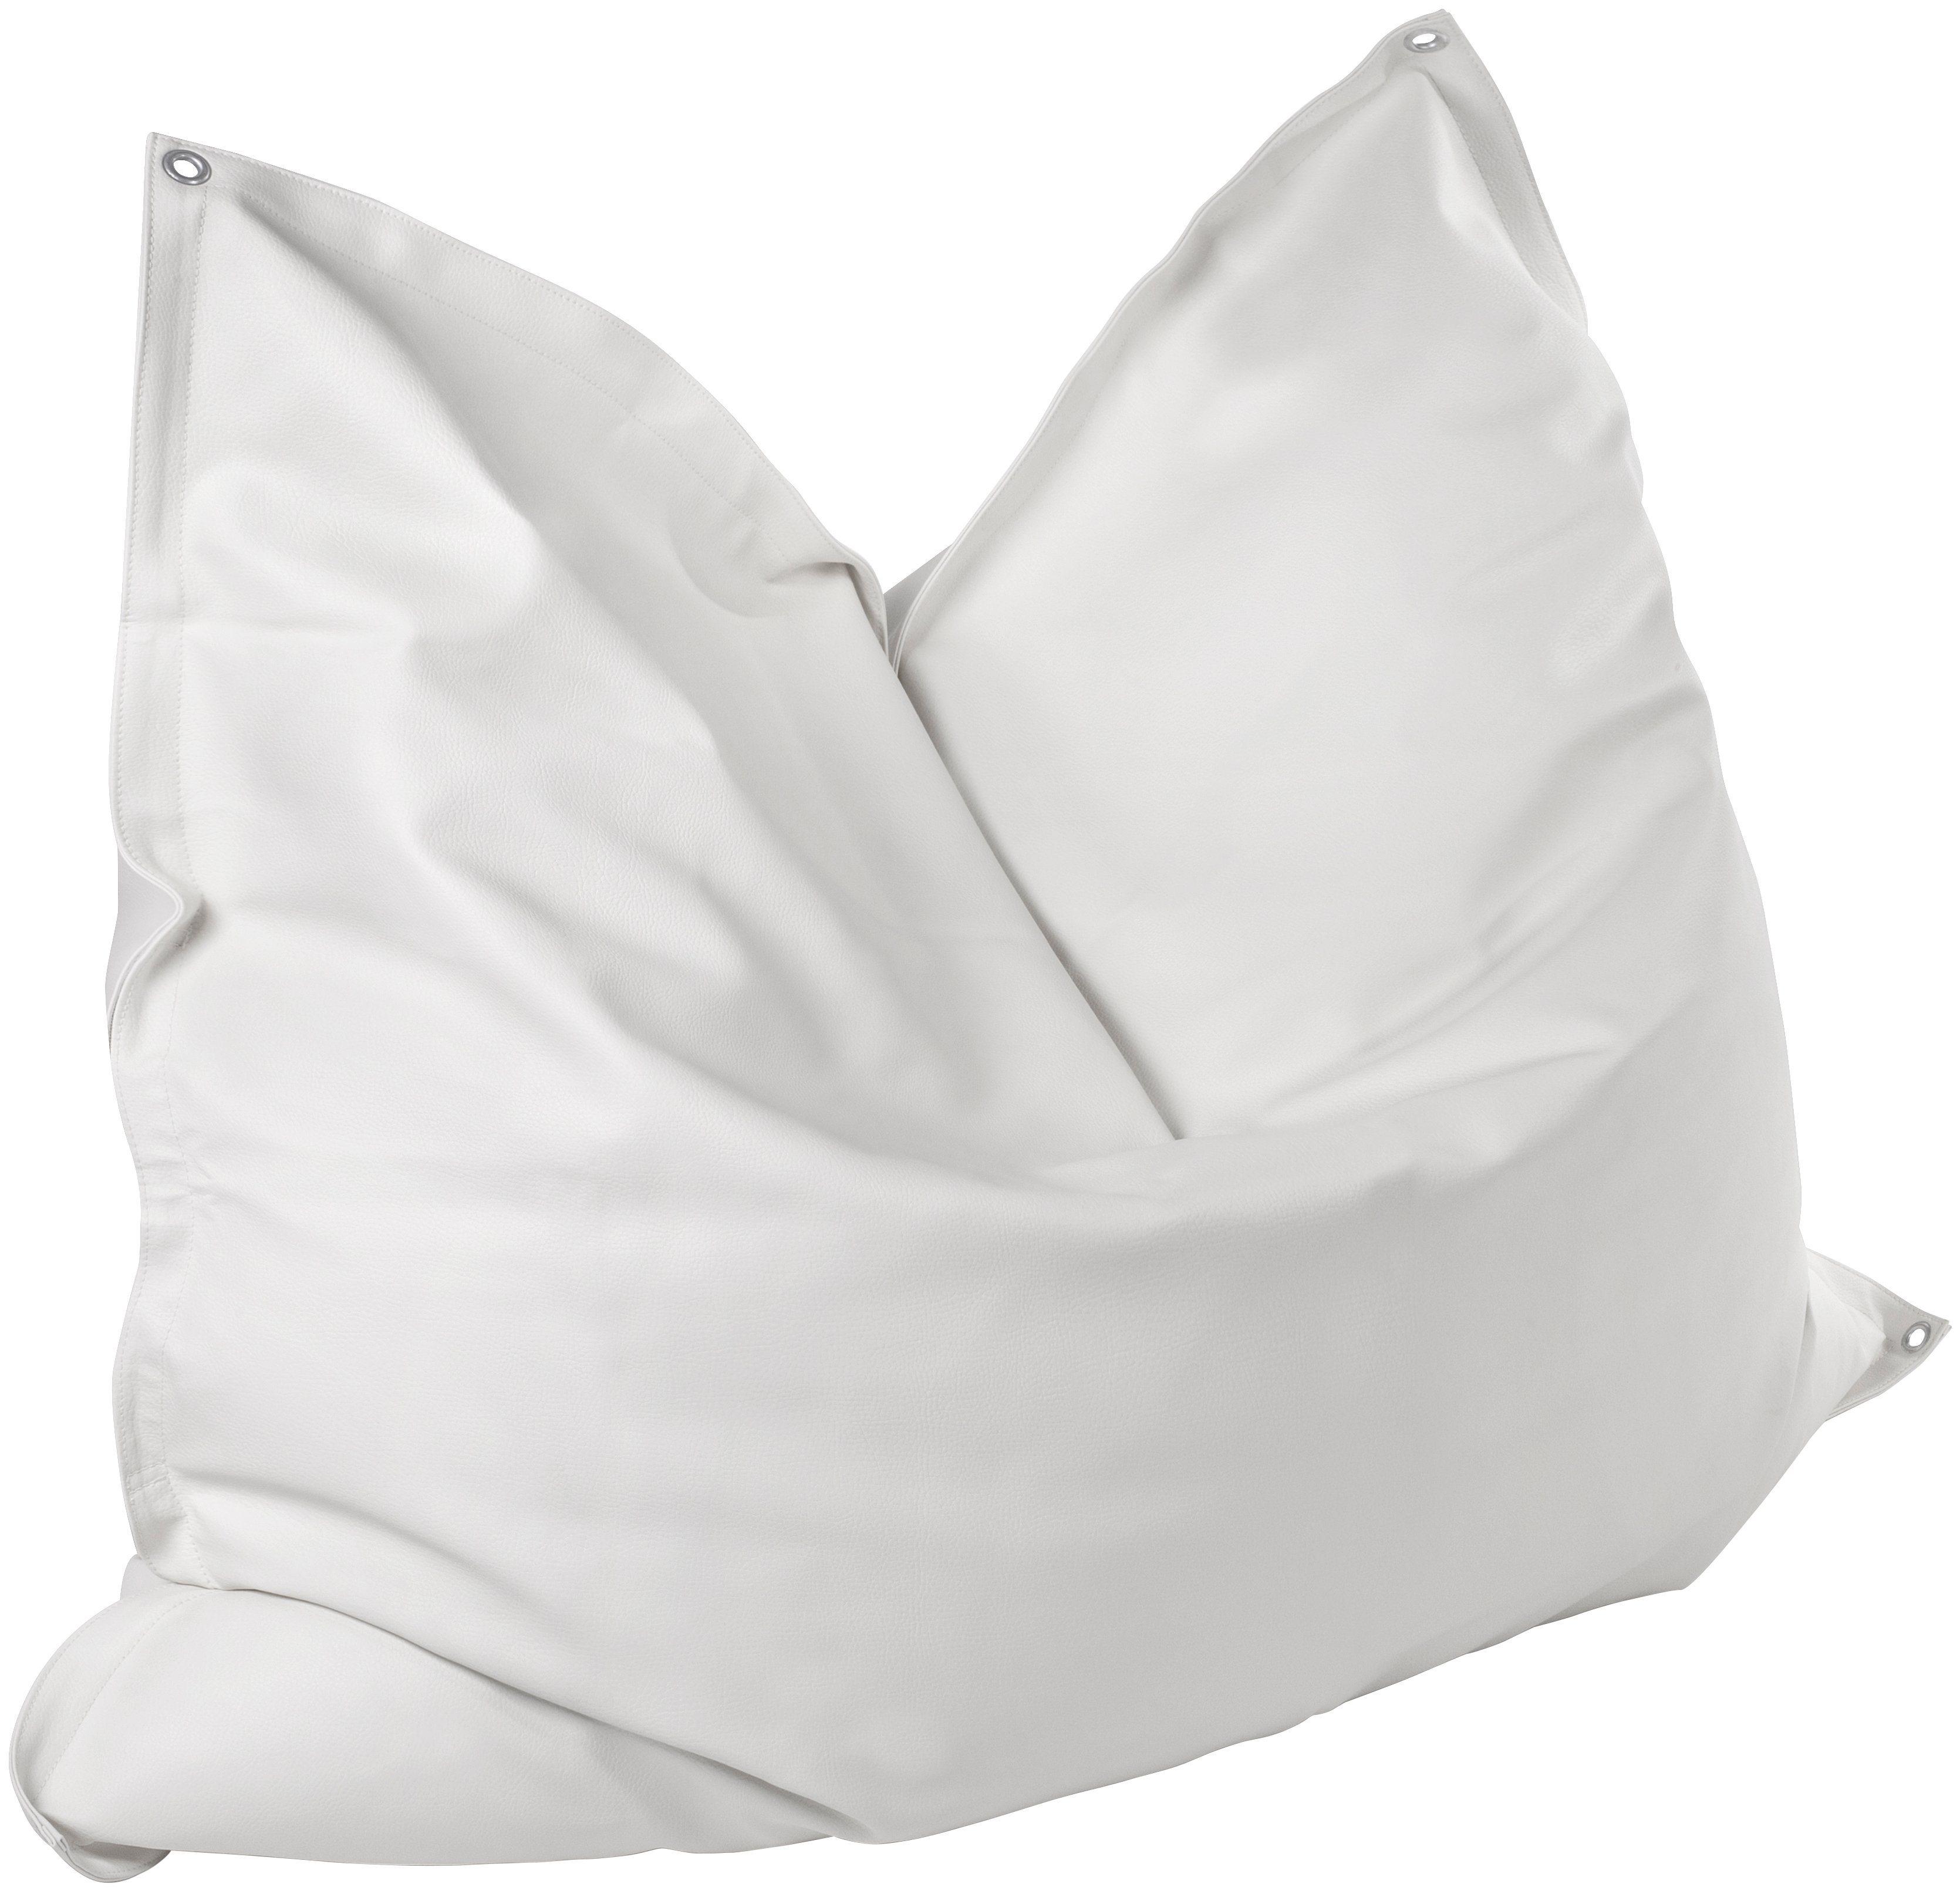 OUTBAG Sitzsack »Meadow Light«, wetterfest, für den Außenbereich, H: 130 cm | Wohnzimmer > Sessel > Sitzsaecke | Polyester | OUTBAG